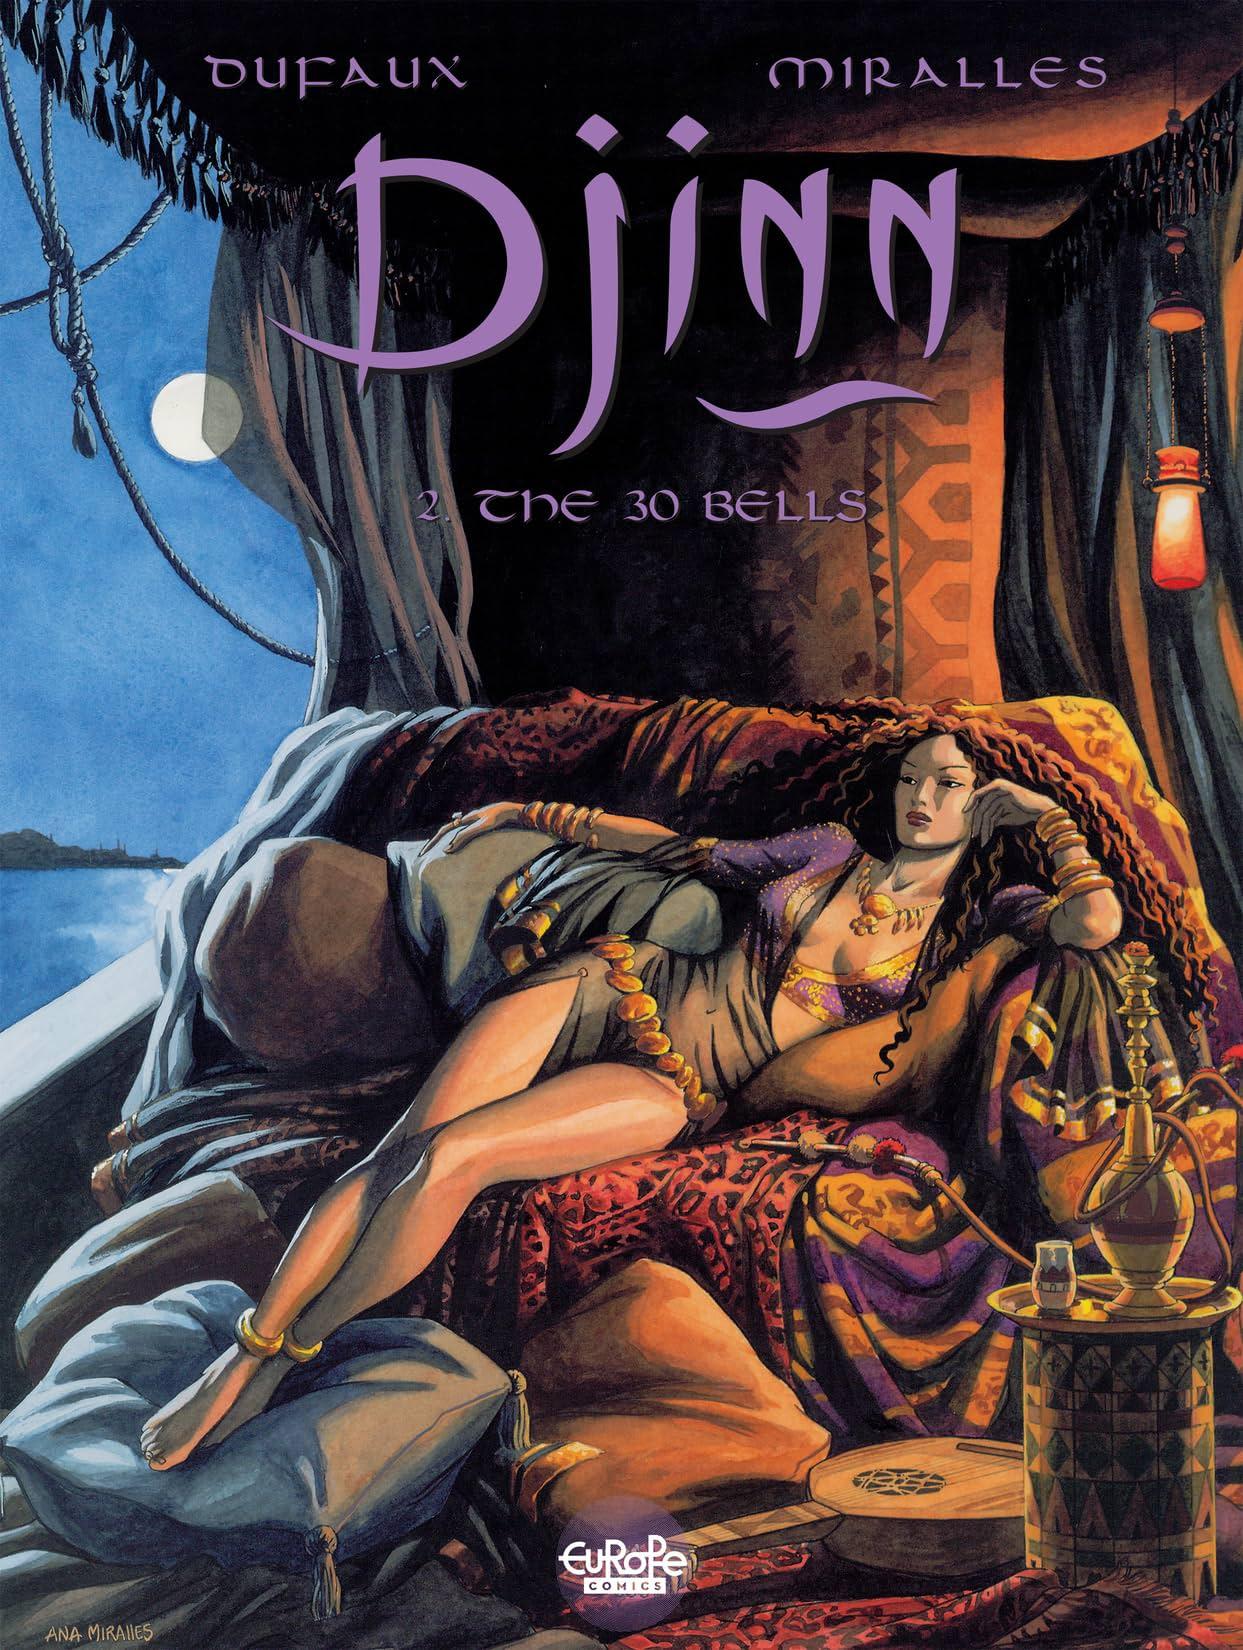 Djinn Vol. 2: The 30 Bells